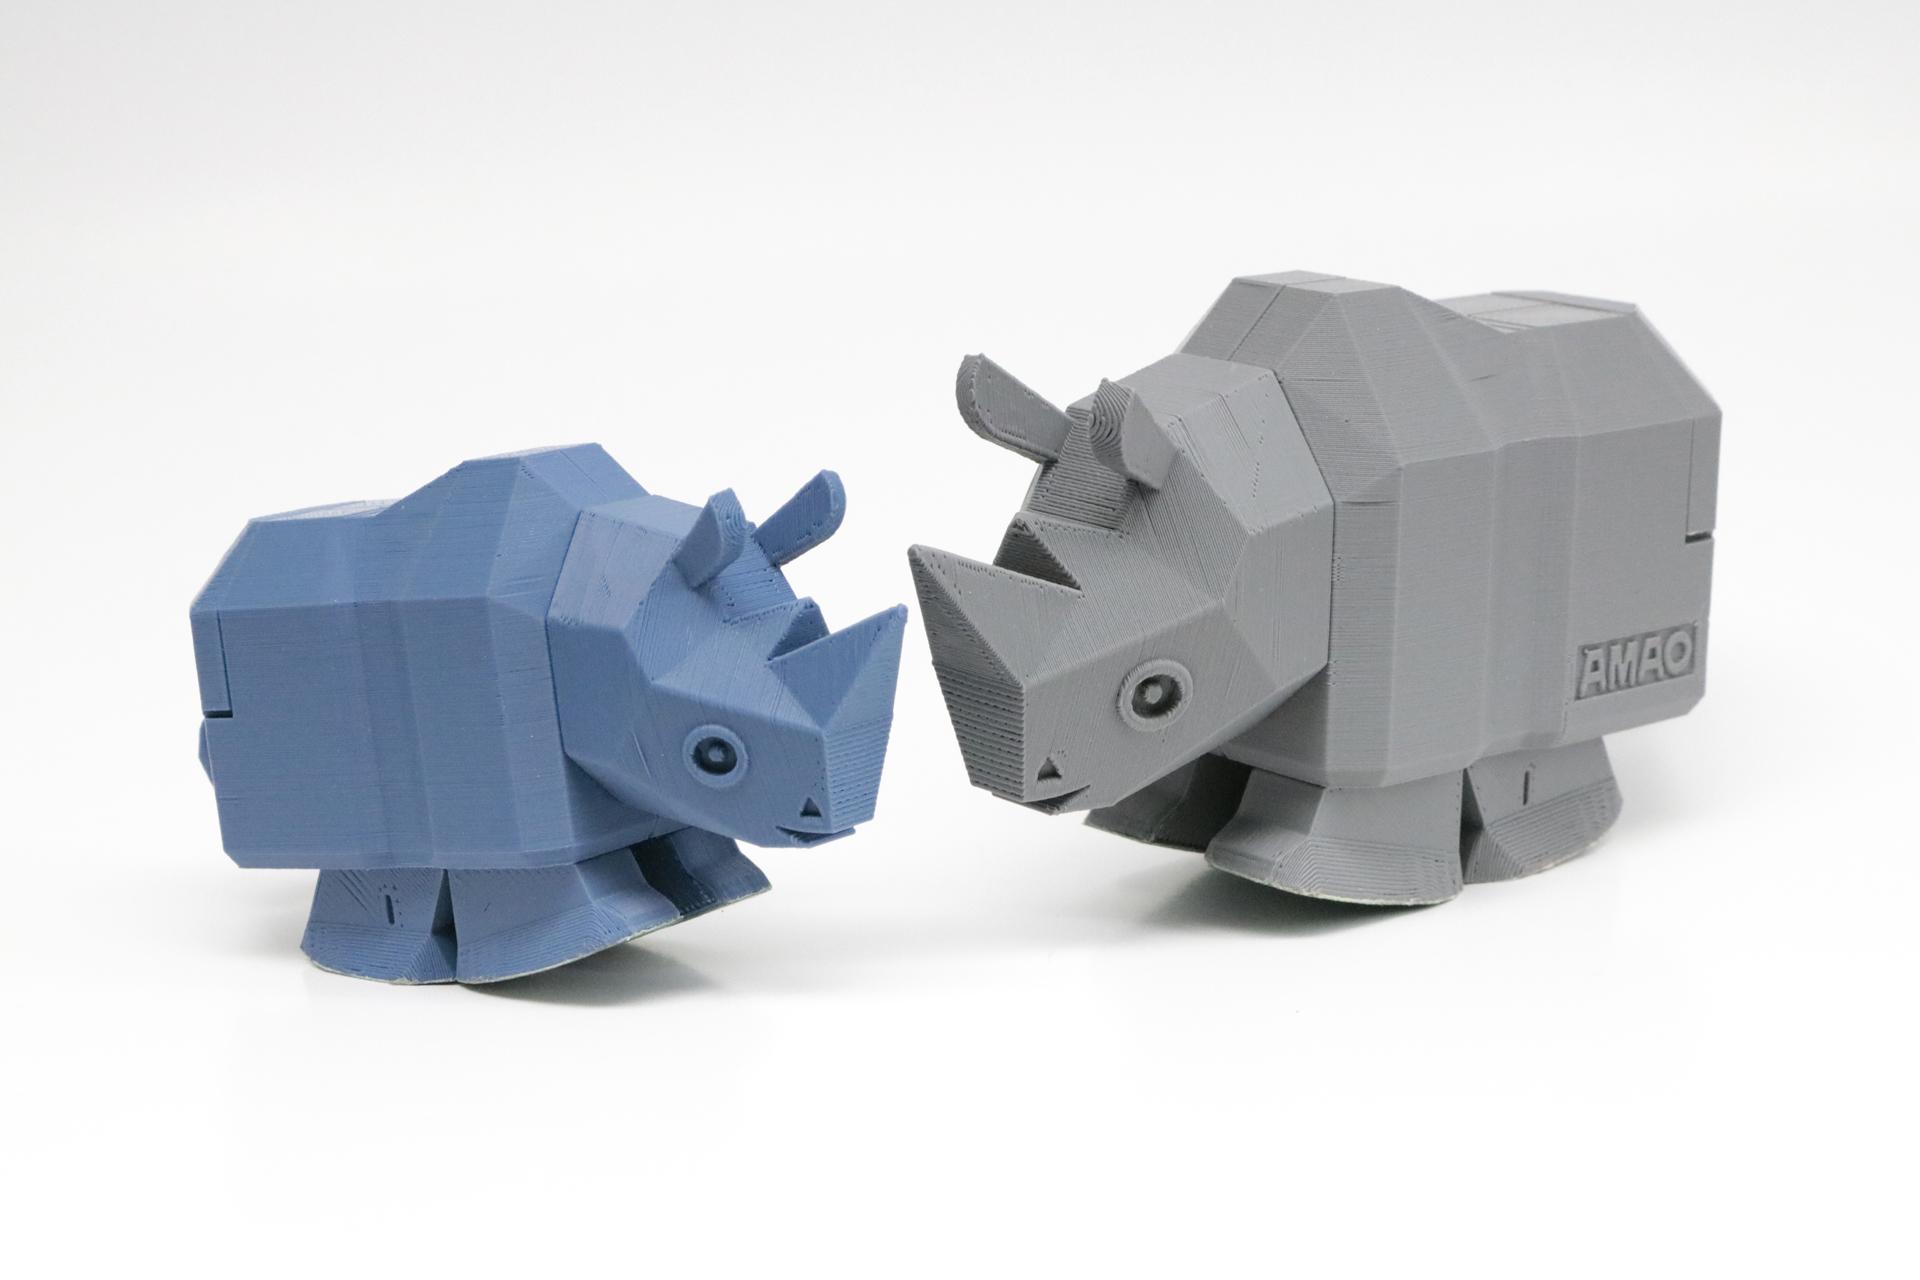 rr002.jpg Télécharger fichier STL La course à pied Rhino • Modèle à imprimer en 3D, Amao